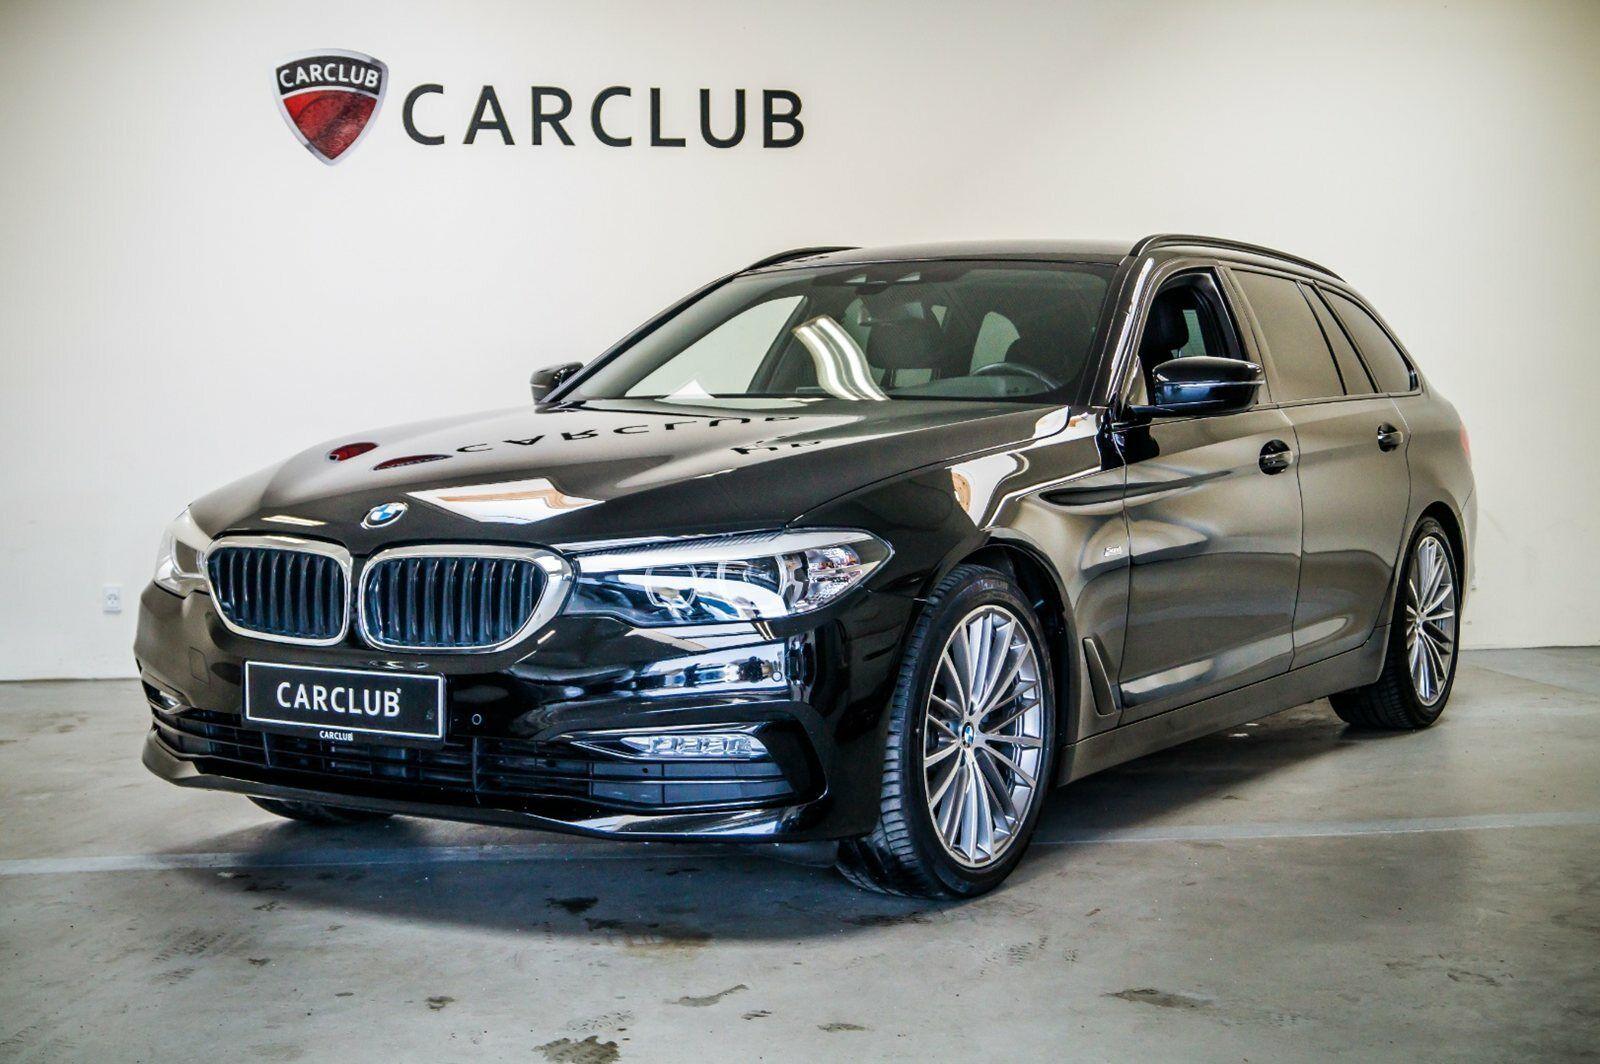 BMW 520d 2,0 Touring aut. 5d - 529.900 kr.